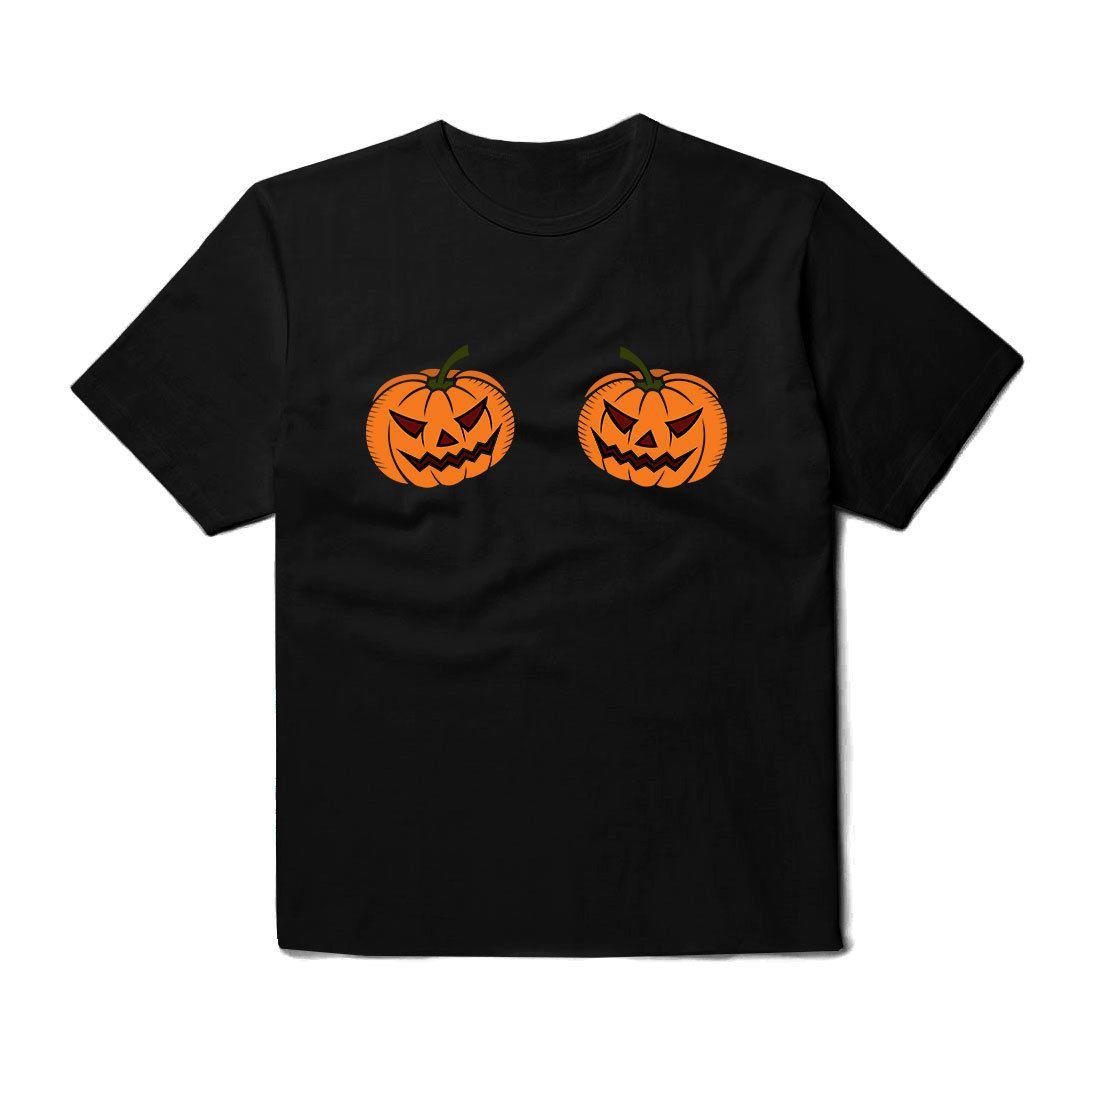 e776f60458b7 Acquista Zucca Ragazza Tee Donna Tumblr Estetica Pastello Grunge  Abbigliamento Pantaloni A Vita Bassa T Shirt Giacca A Vento Di Cattiva Pug  Tshirt A  16.24 ...